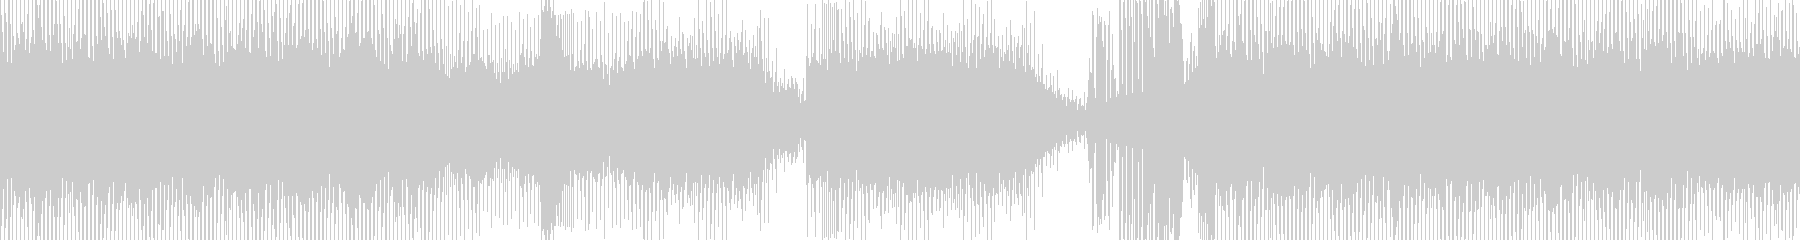 エレキトリックな音の旋律の未再生の波形